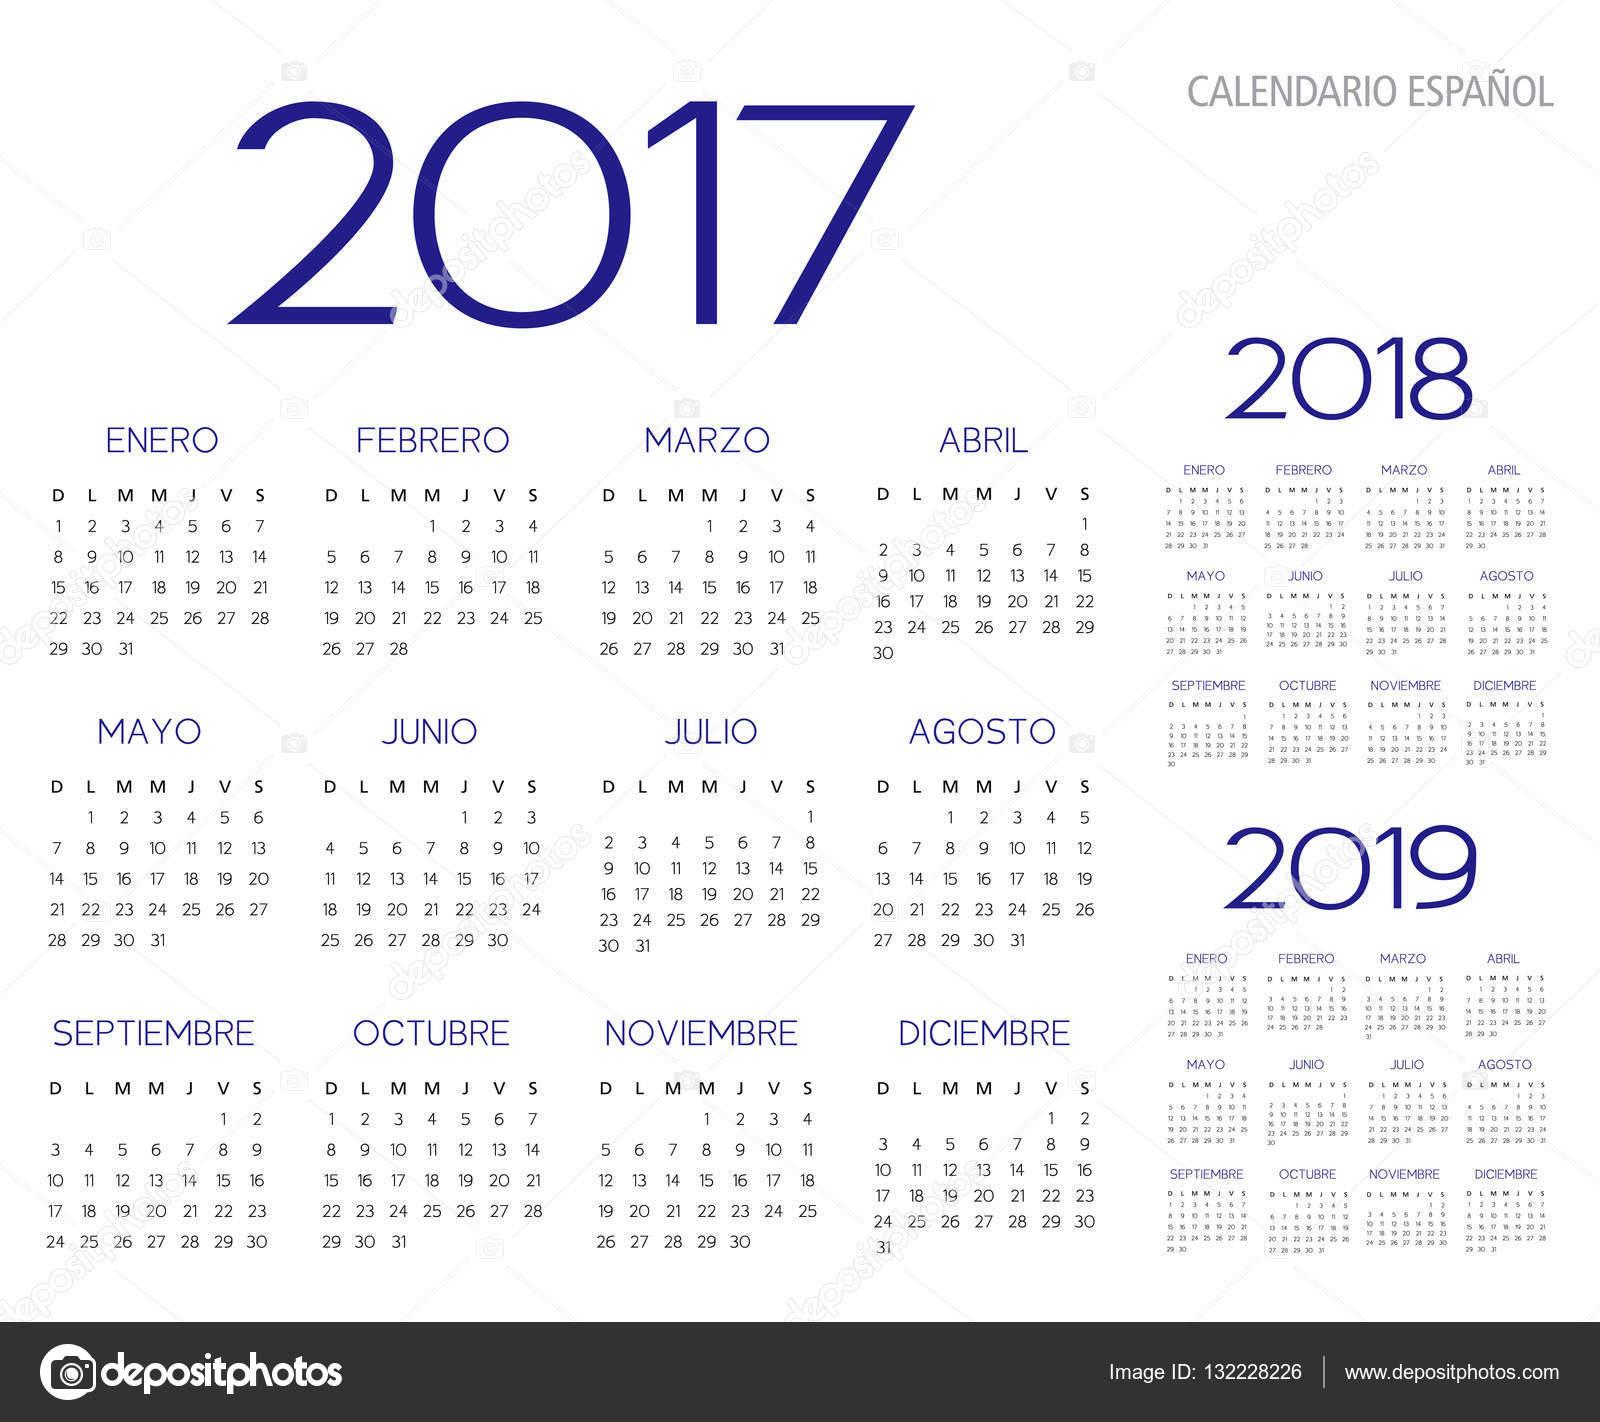 Фото календаря июнь 2017-2018